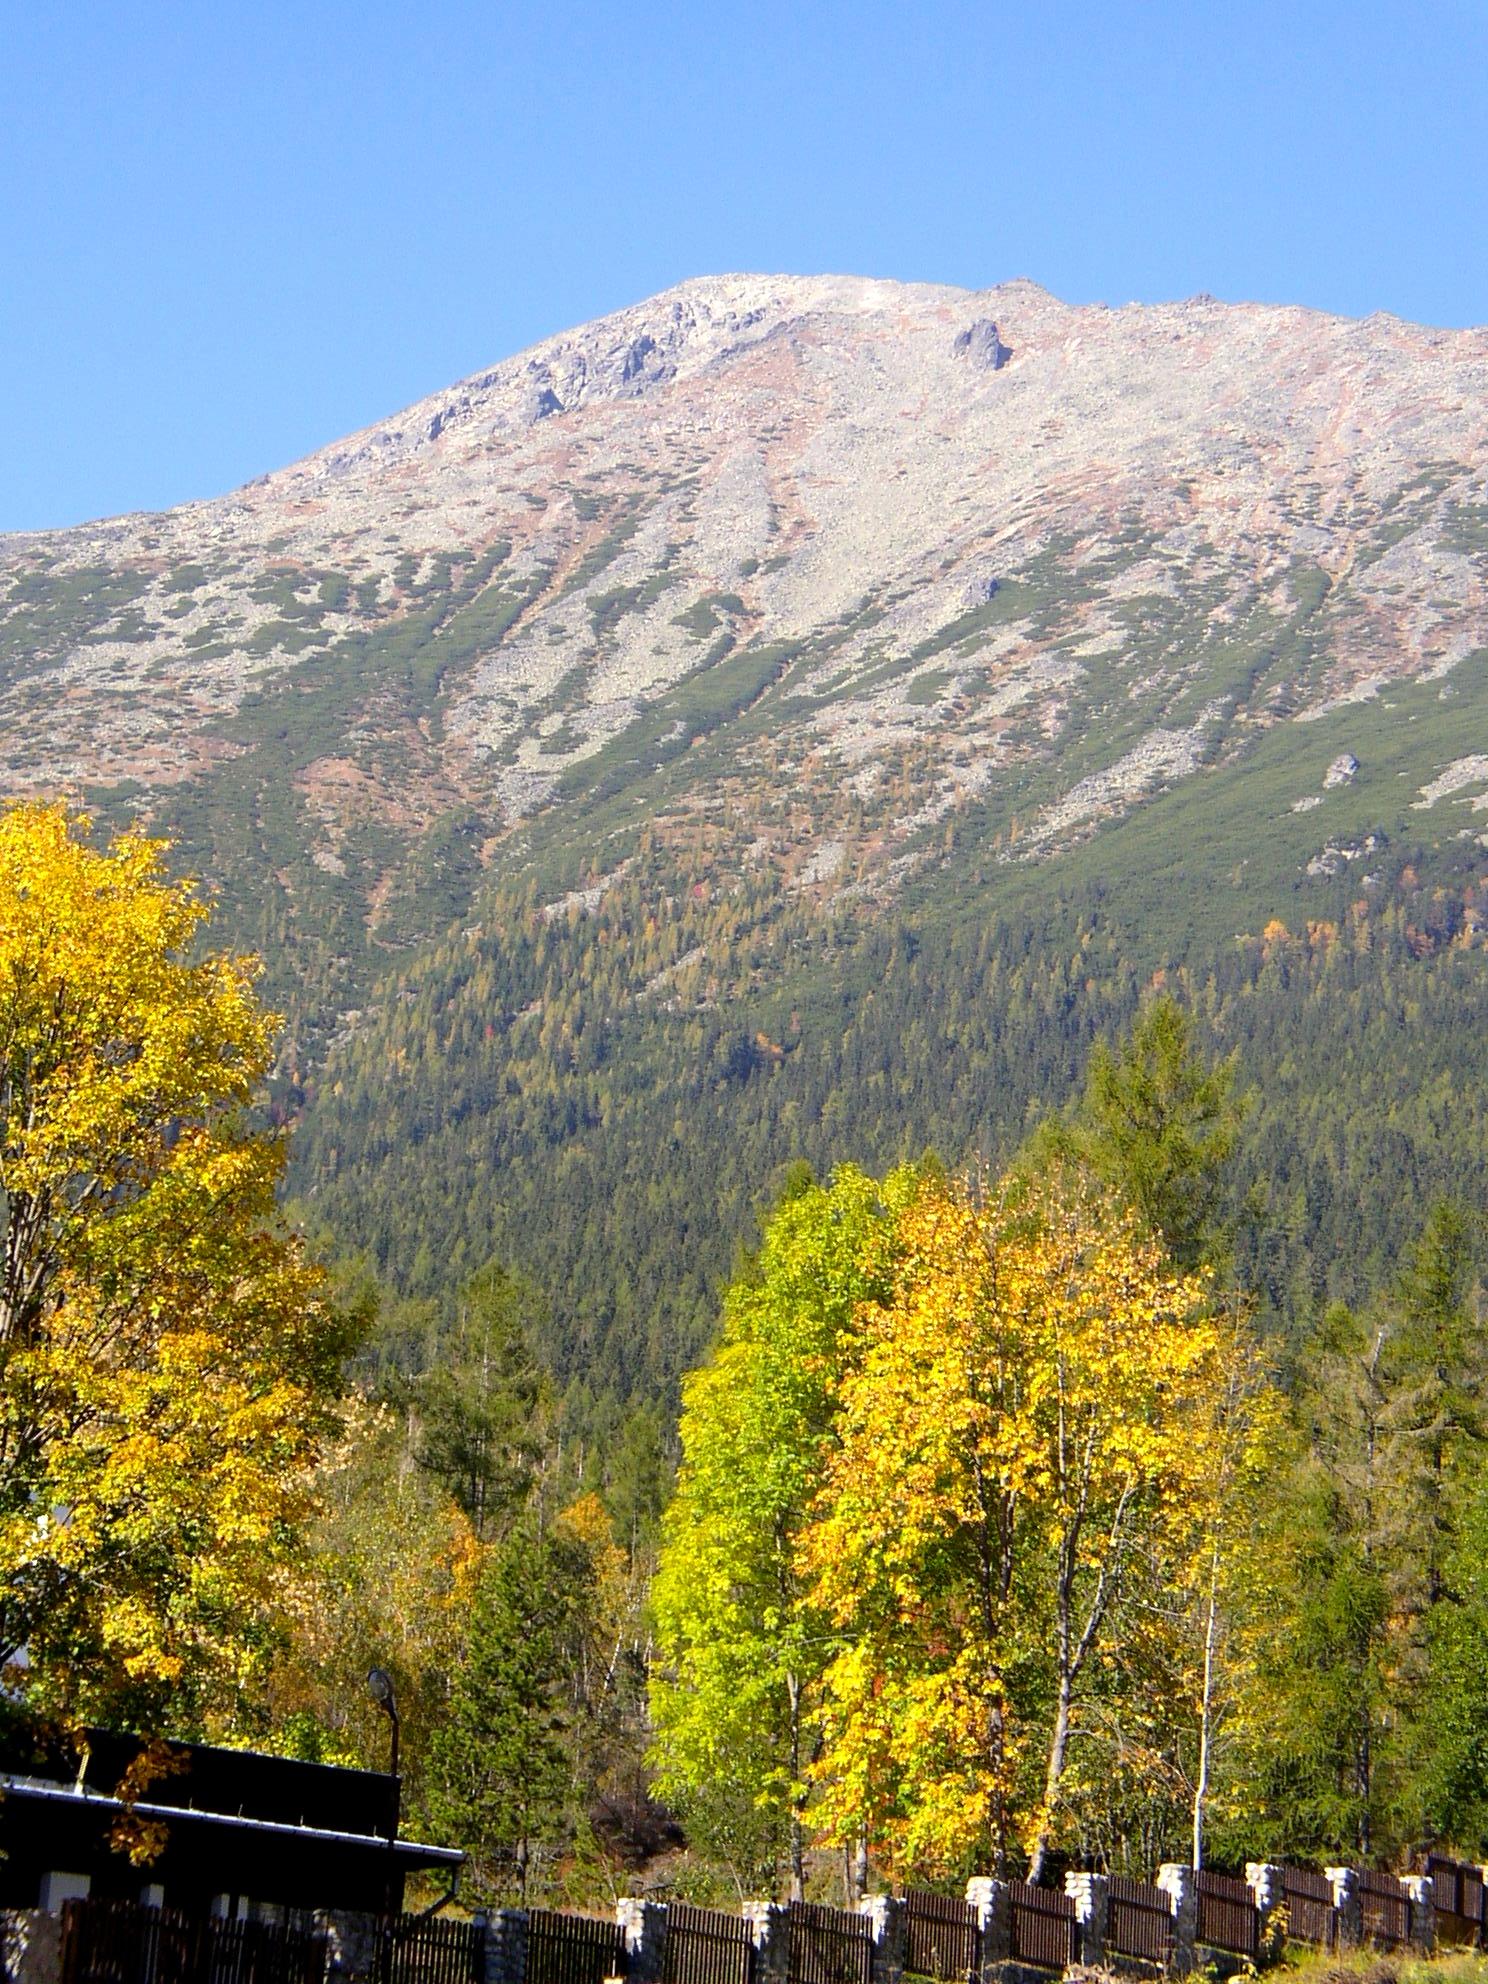 Pohľad na Slavkovský štít zo Starého Smokovca, pred dávnym zemetraseními najvyšší štít Vysokých Tatier.